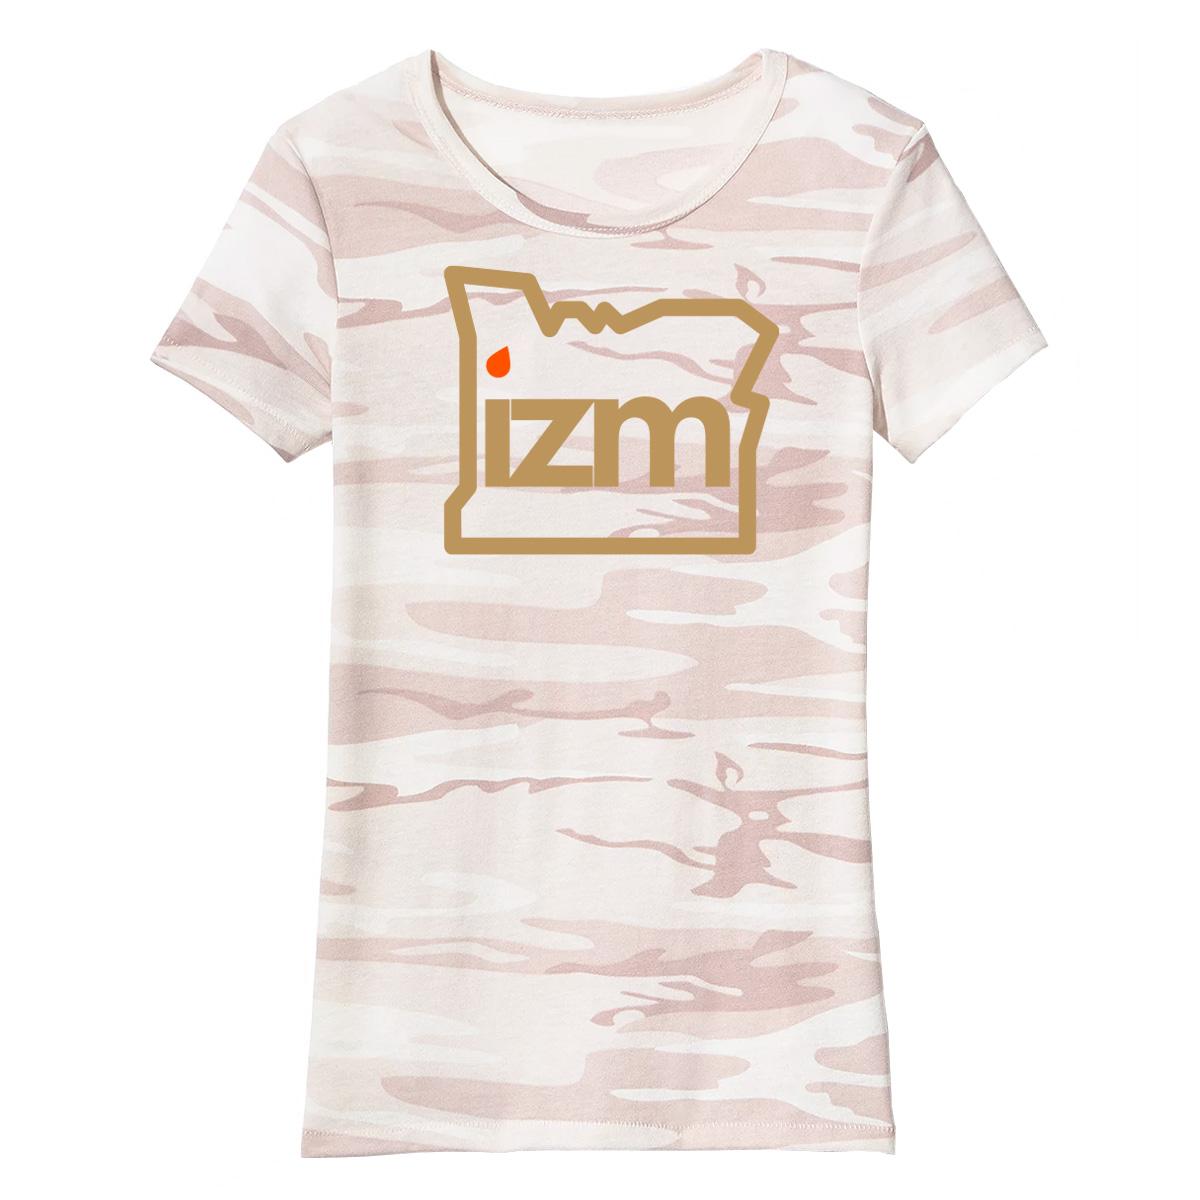 oregonizm-product-tshirt-womens-stateizm-blushcamo